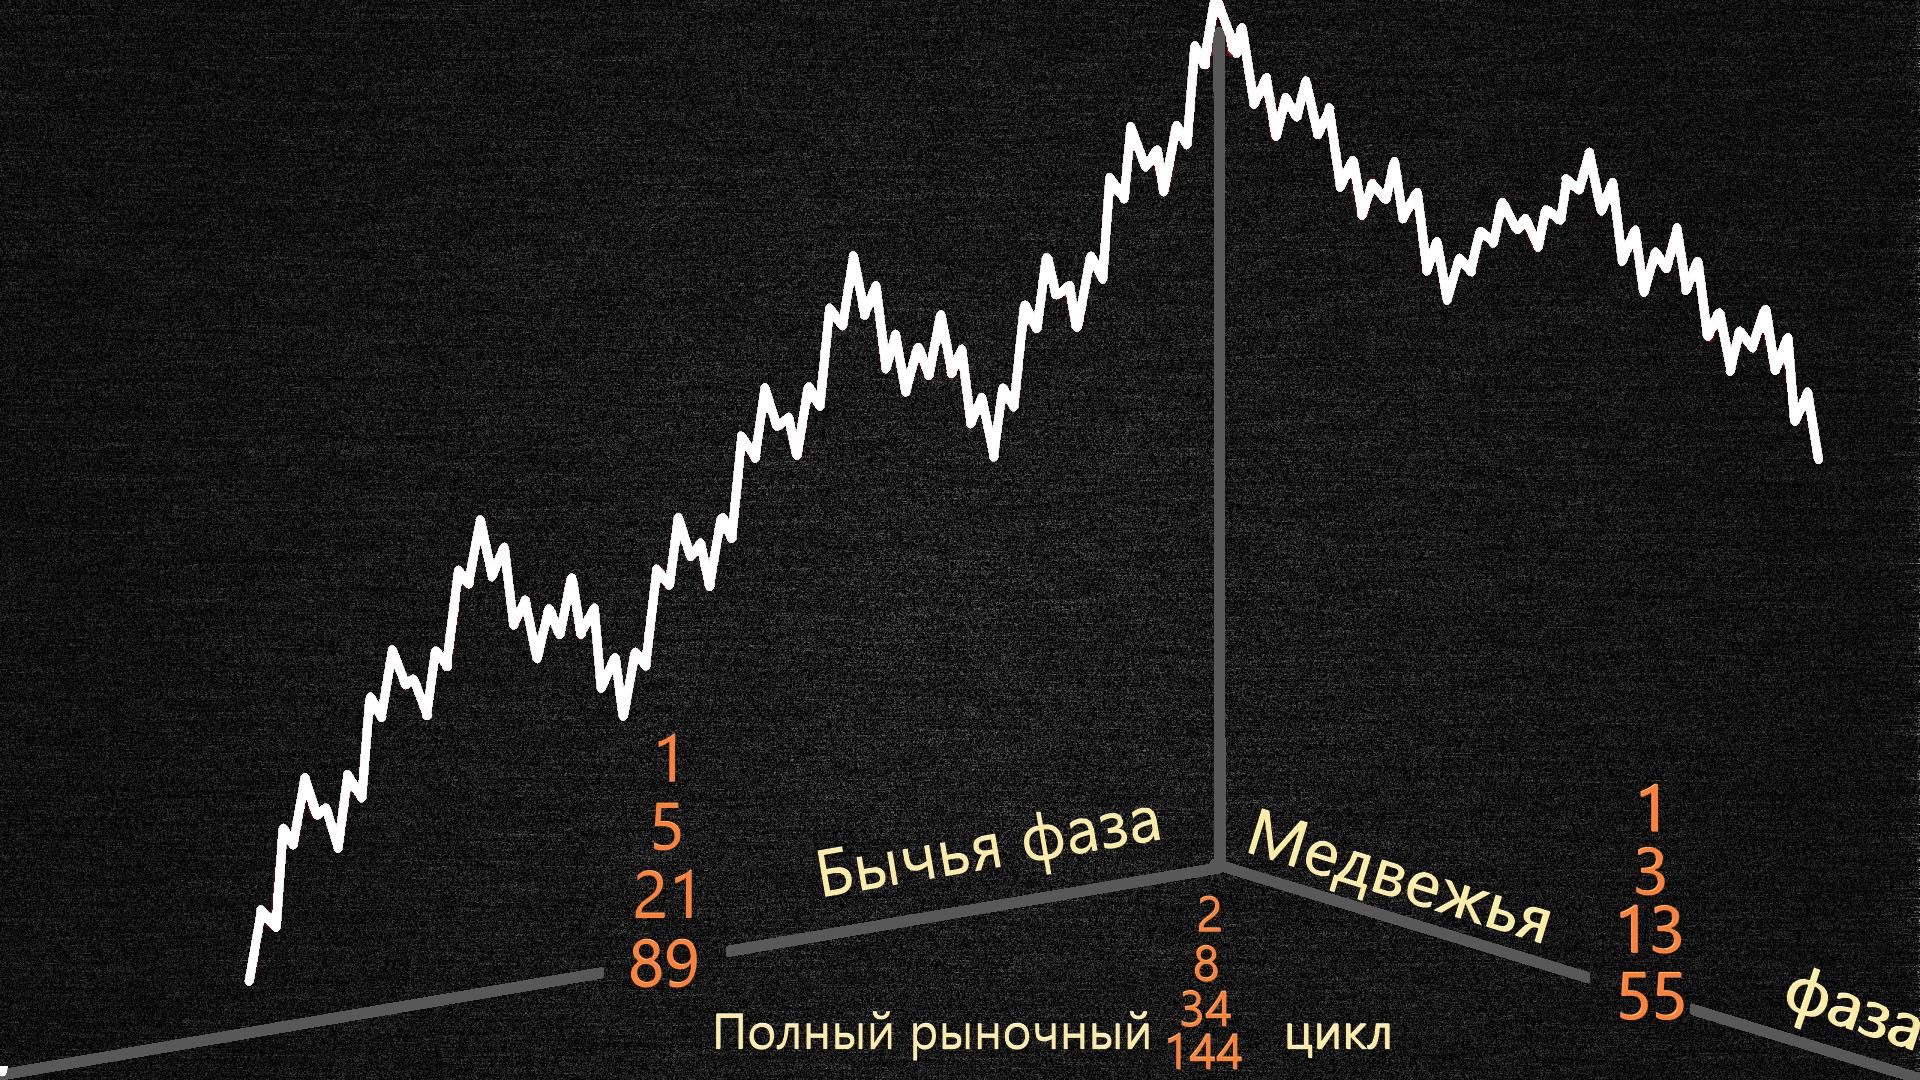 Полный цикл разбитый на 144 волны согласно теории Эллиота